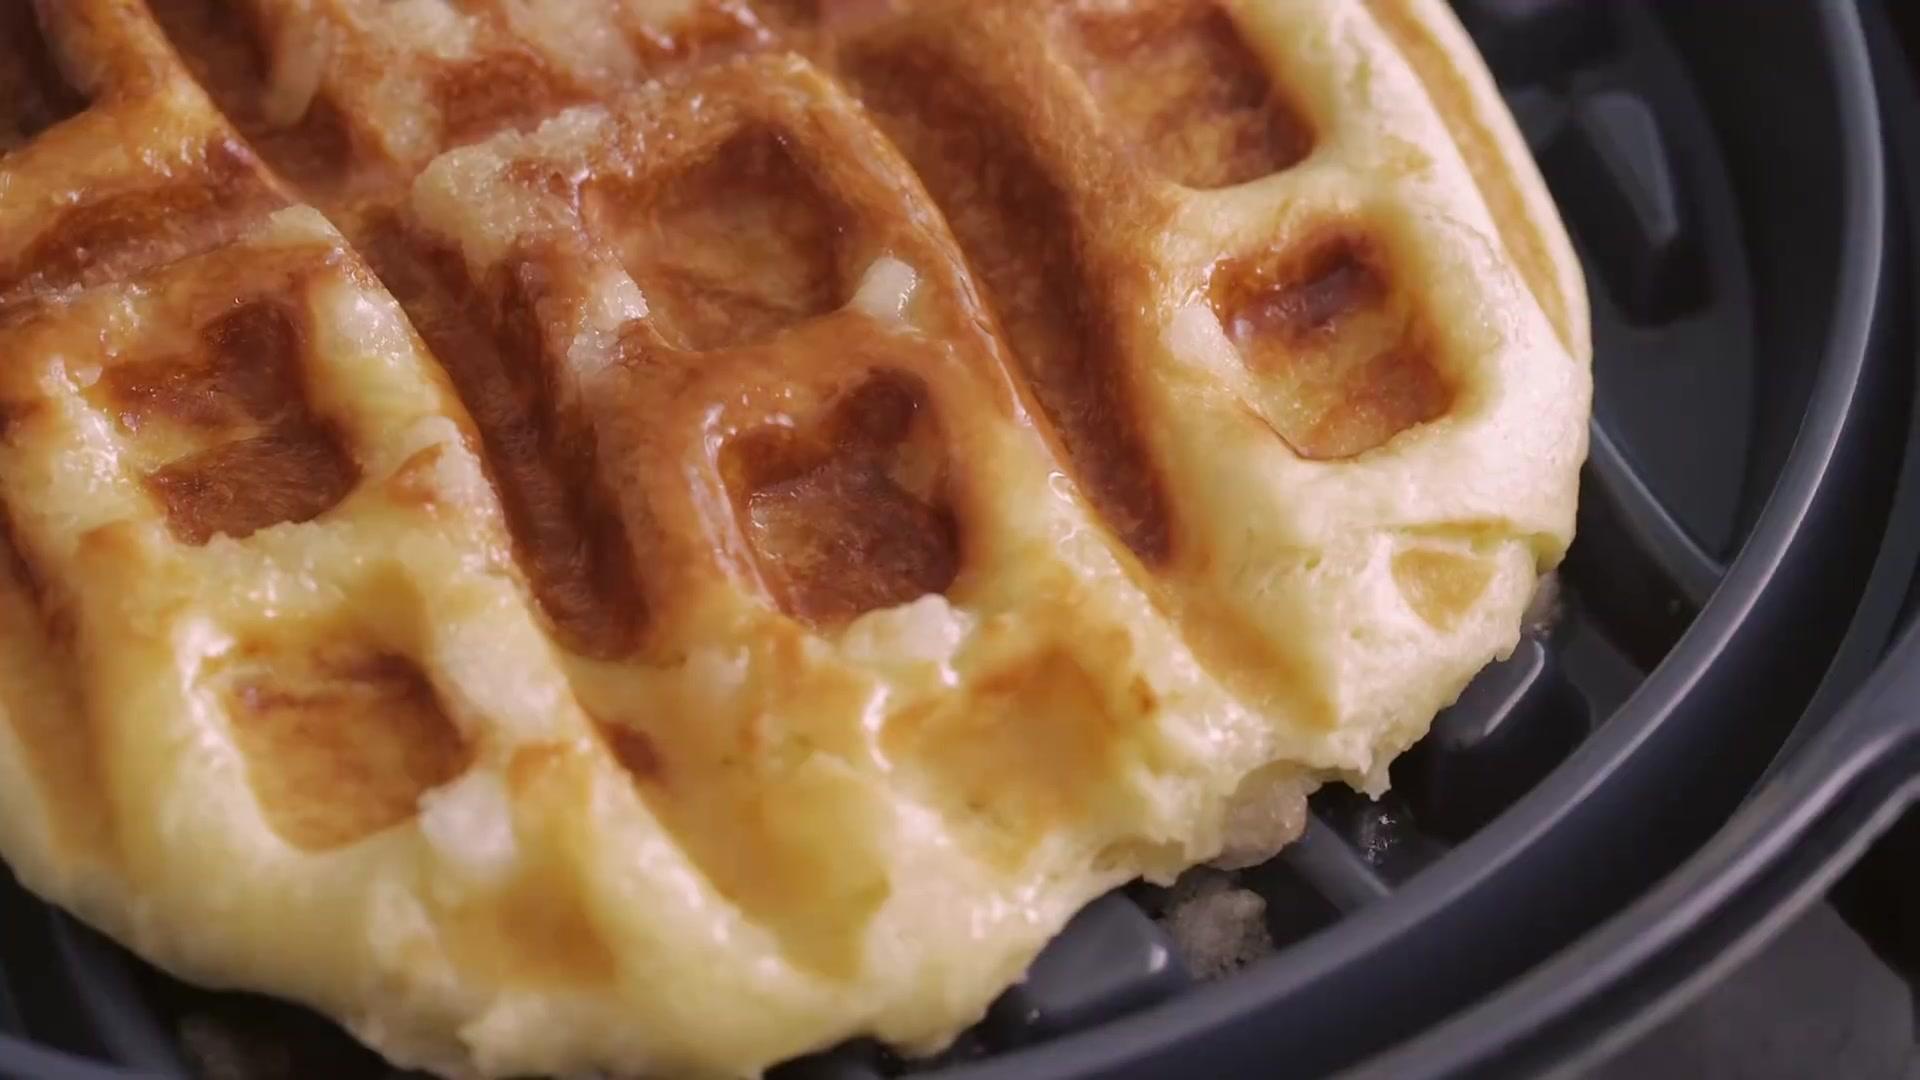 Honeykki Episode 187: Liege Waffles [Honeykki]